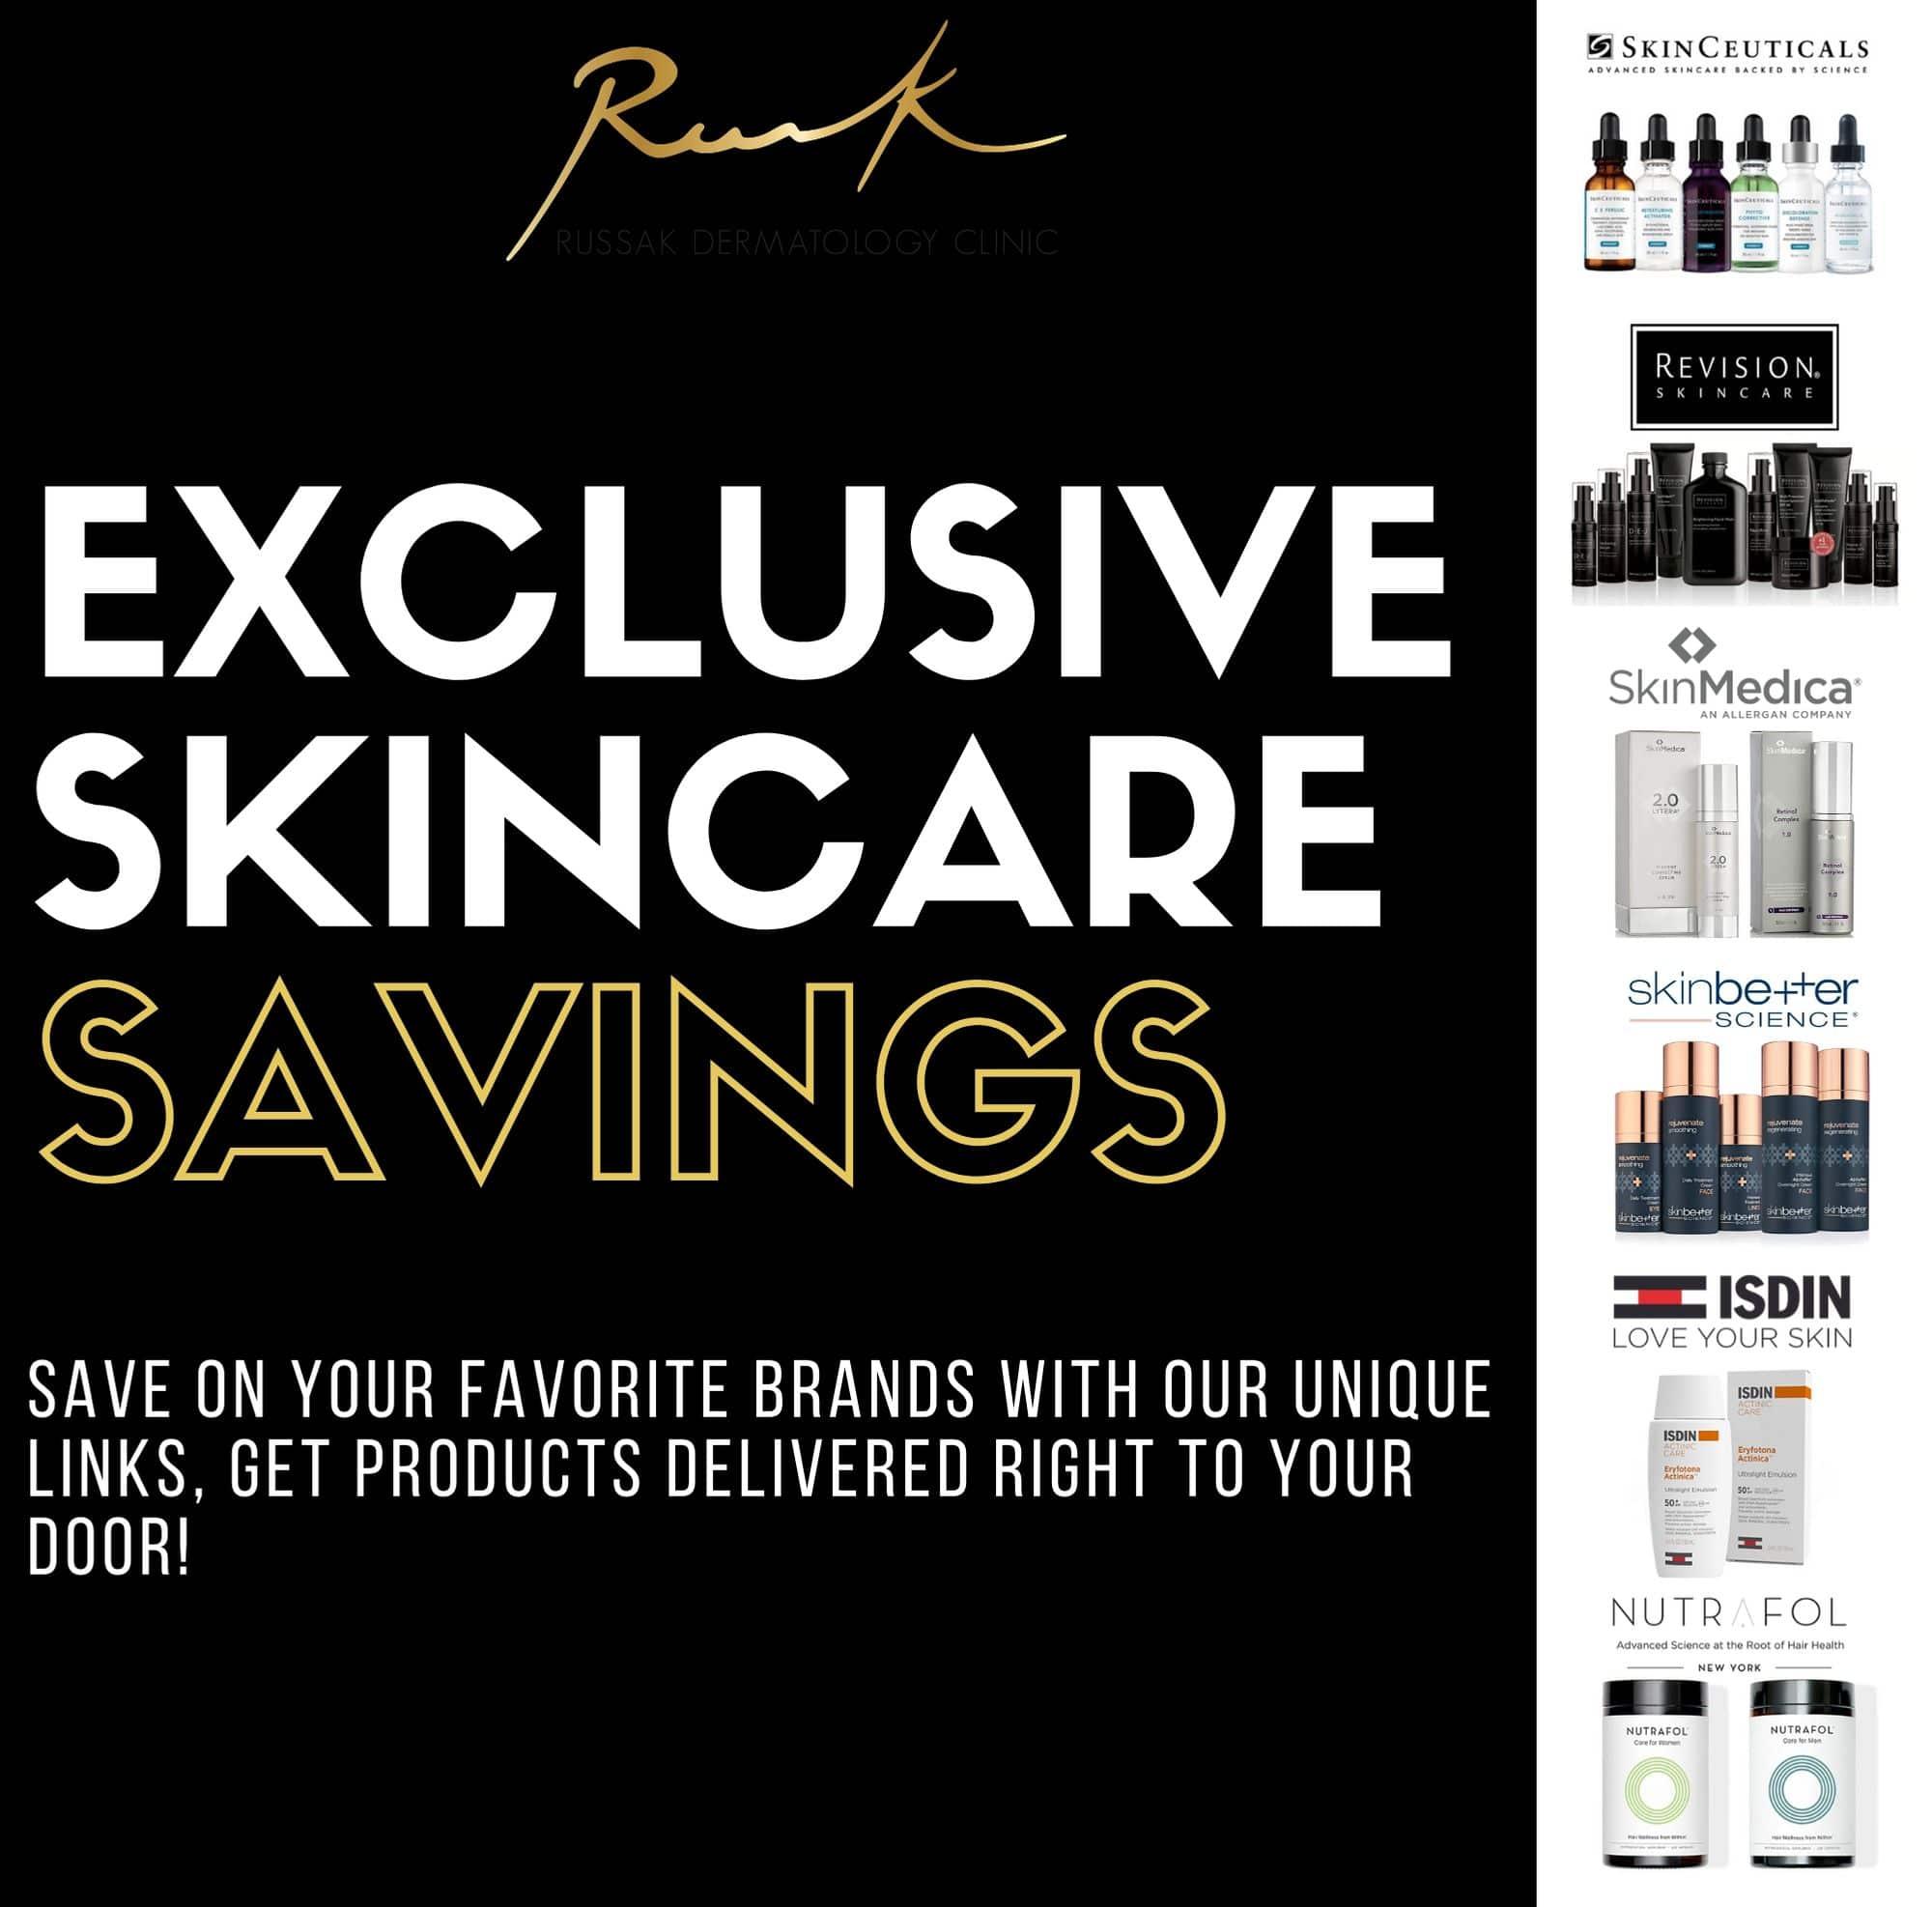 Exclusive Skincare Savings